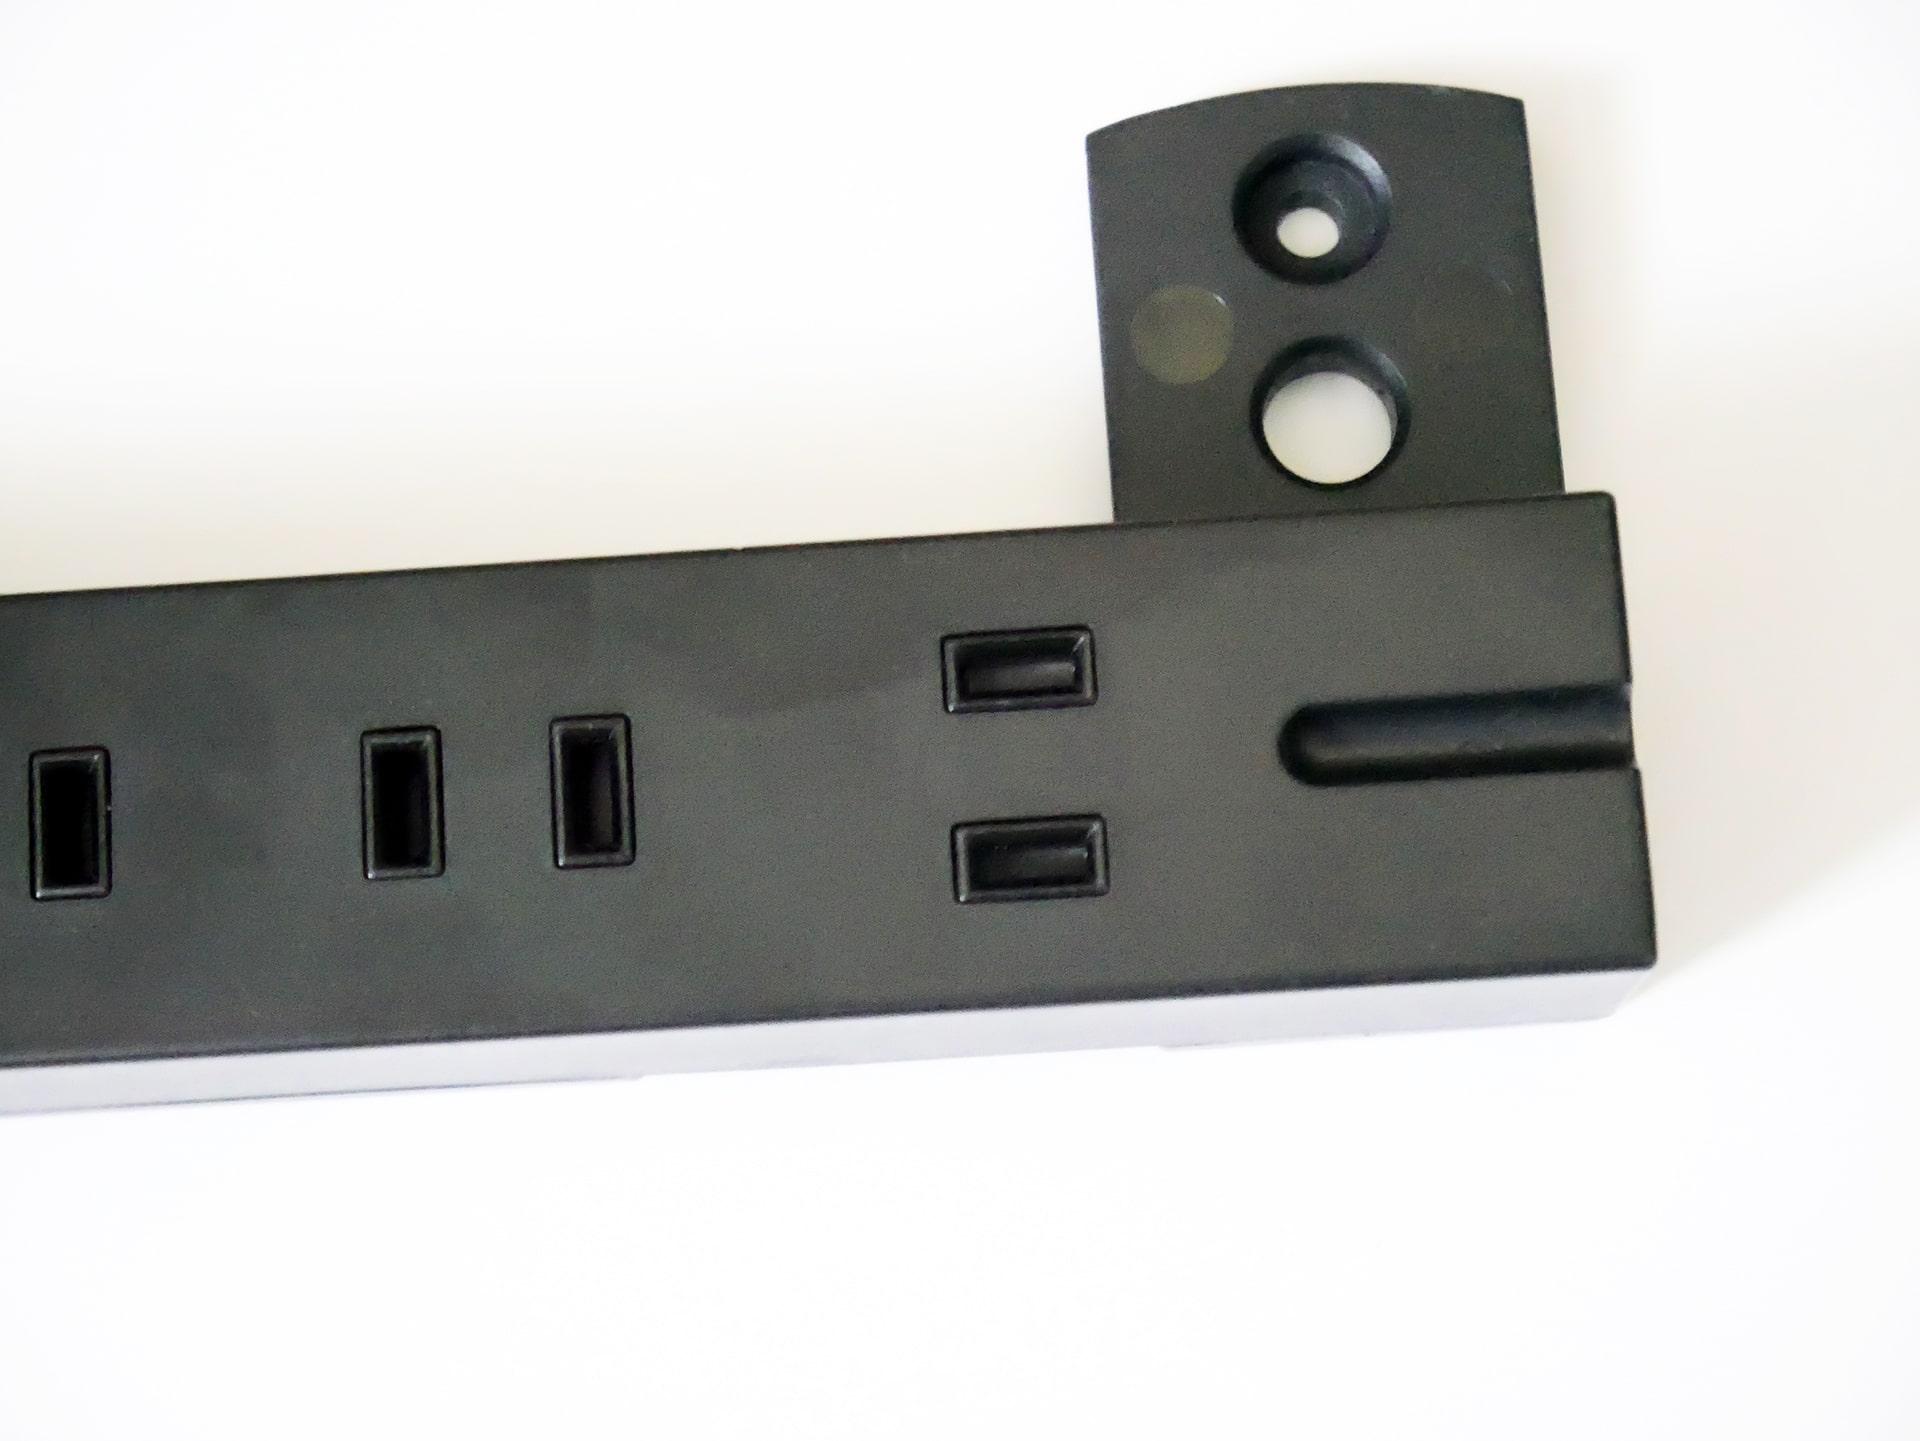 エレコム「T-KF01-2630BK」ほこり防止シャッター